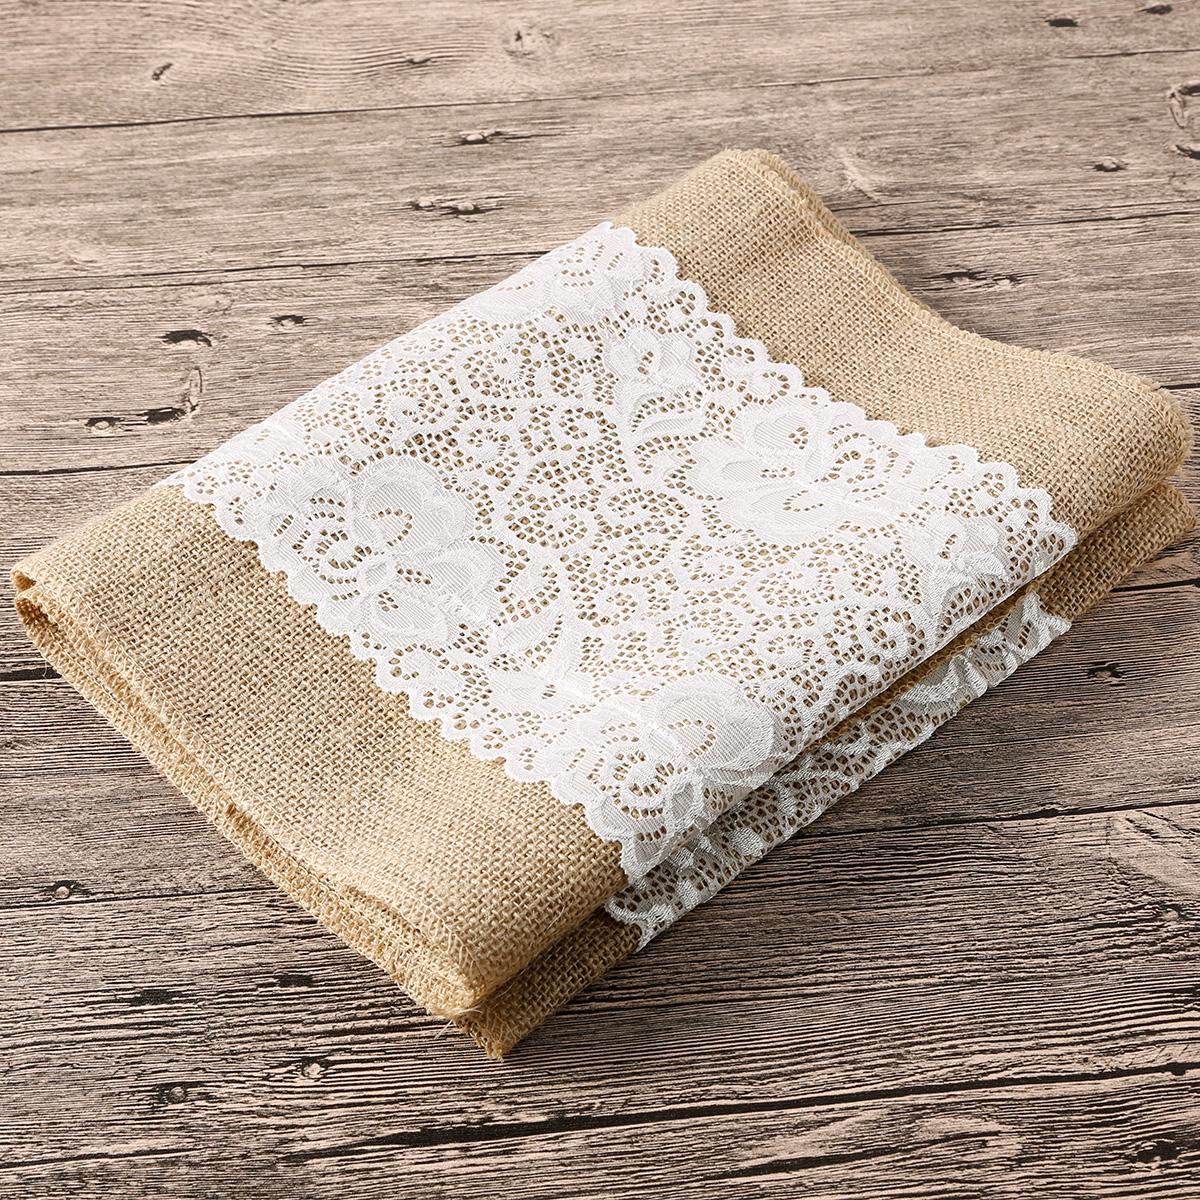 chemin de table jute dentelle blanche 180x30cm rustique maison jardin 0024 ebay. Black Bedroom Furniture Sets. Home Design Ideas